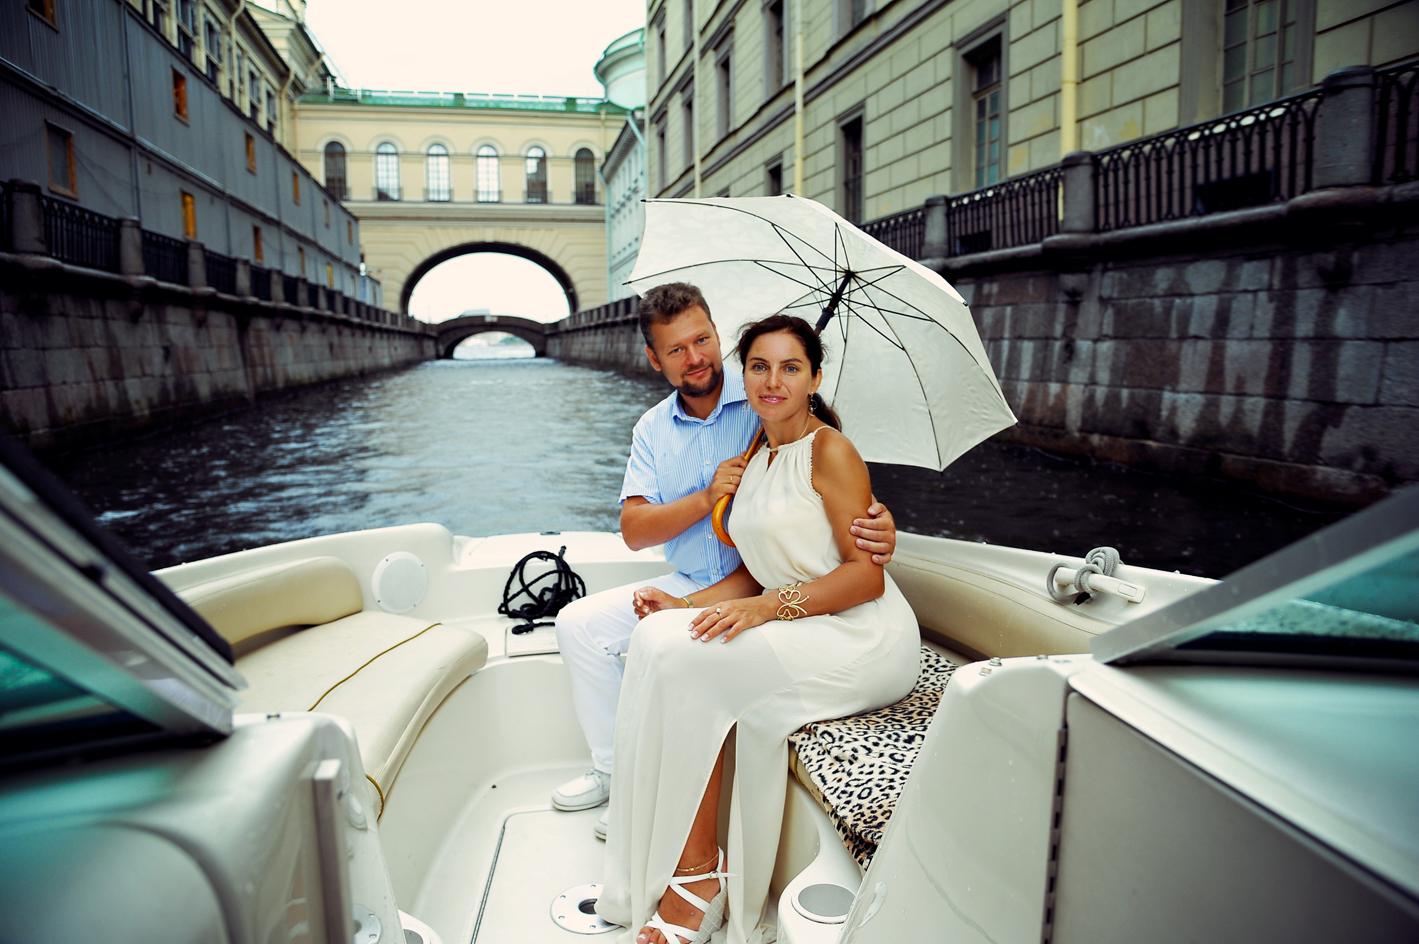 Прогулка на катере для двоих – лучший романтический сюрприз